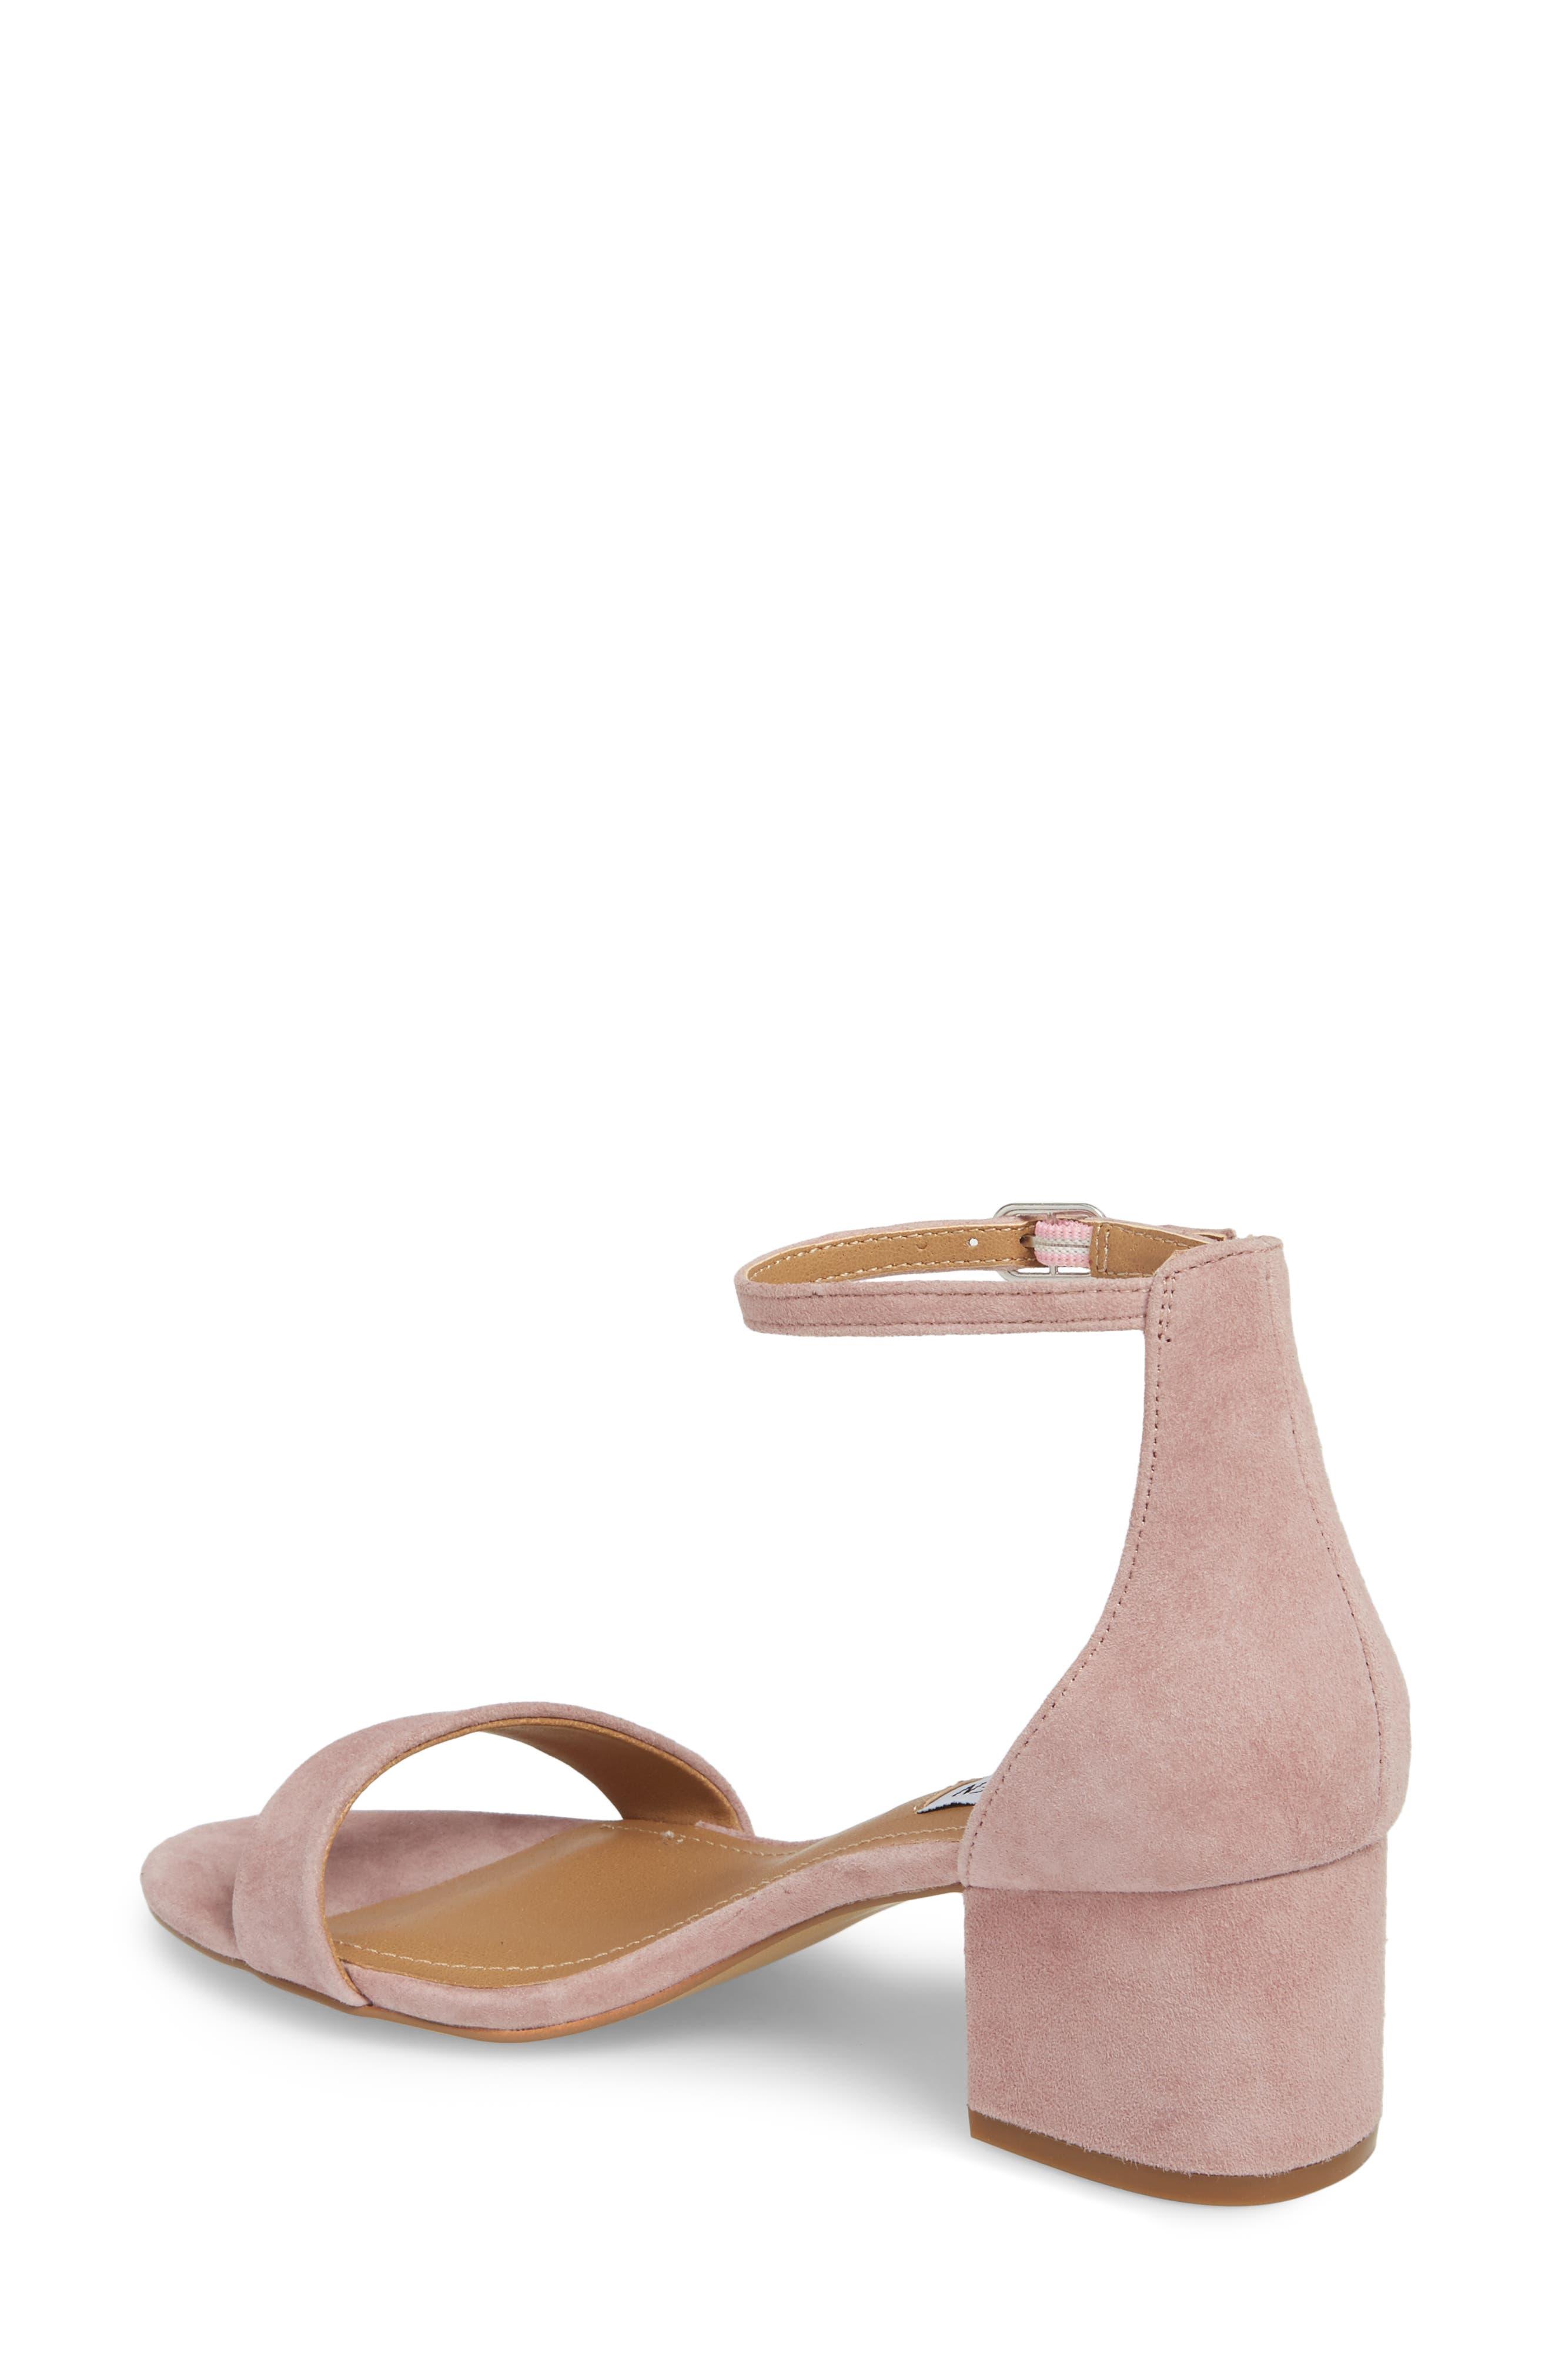 Irenee Ankle Strap Sandal,                             Alternate thumbnail 41, color,